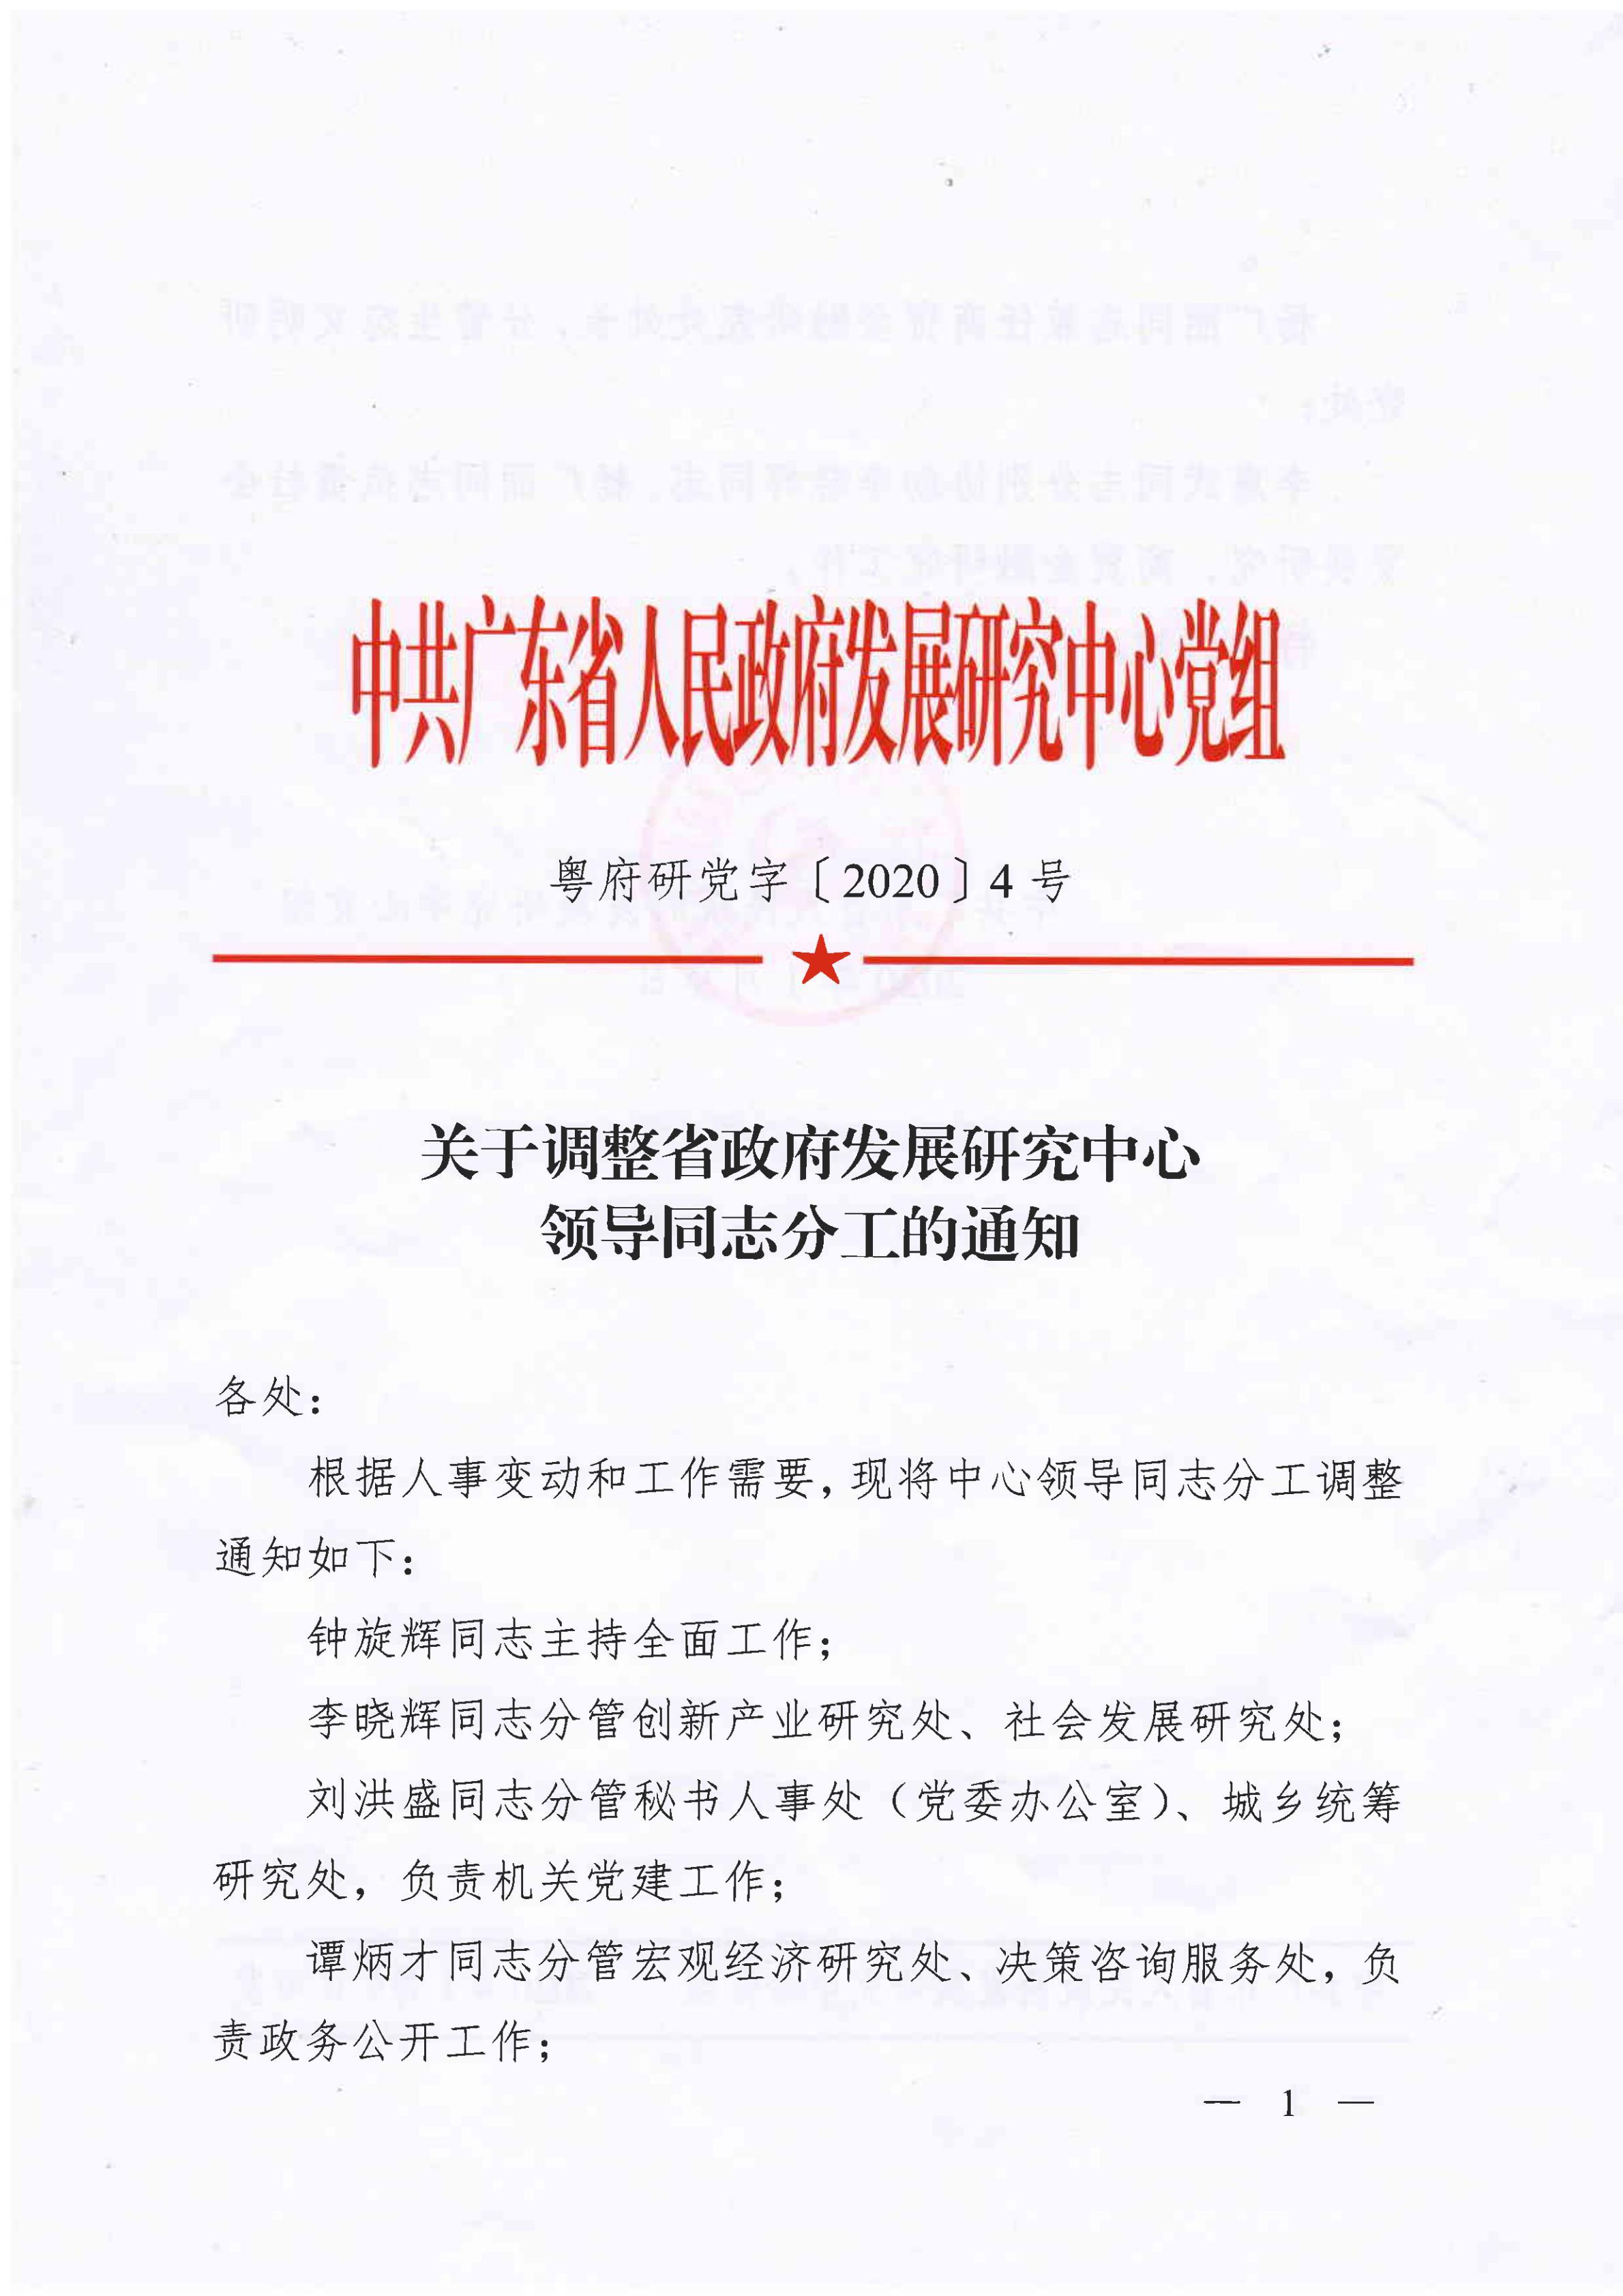 粤府研党字【2020】4号 - 调整领导分工的通知_00.jpg